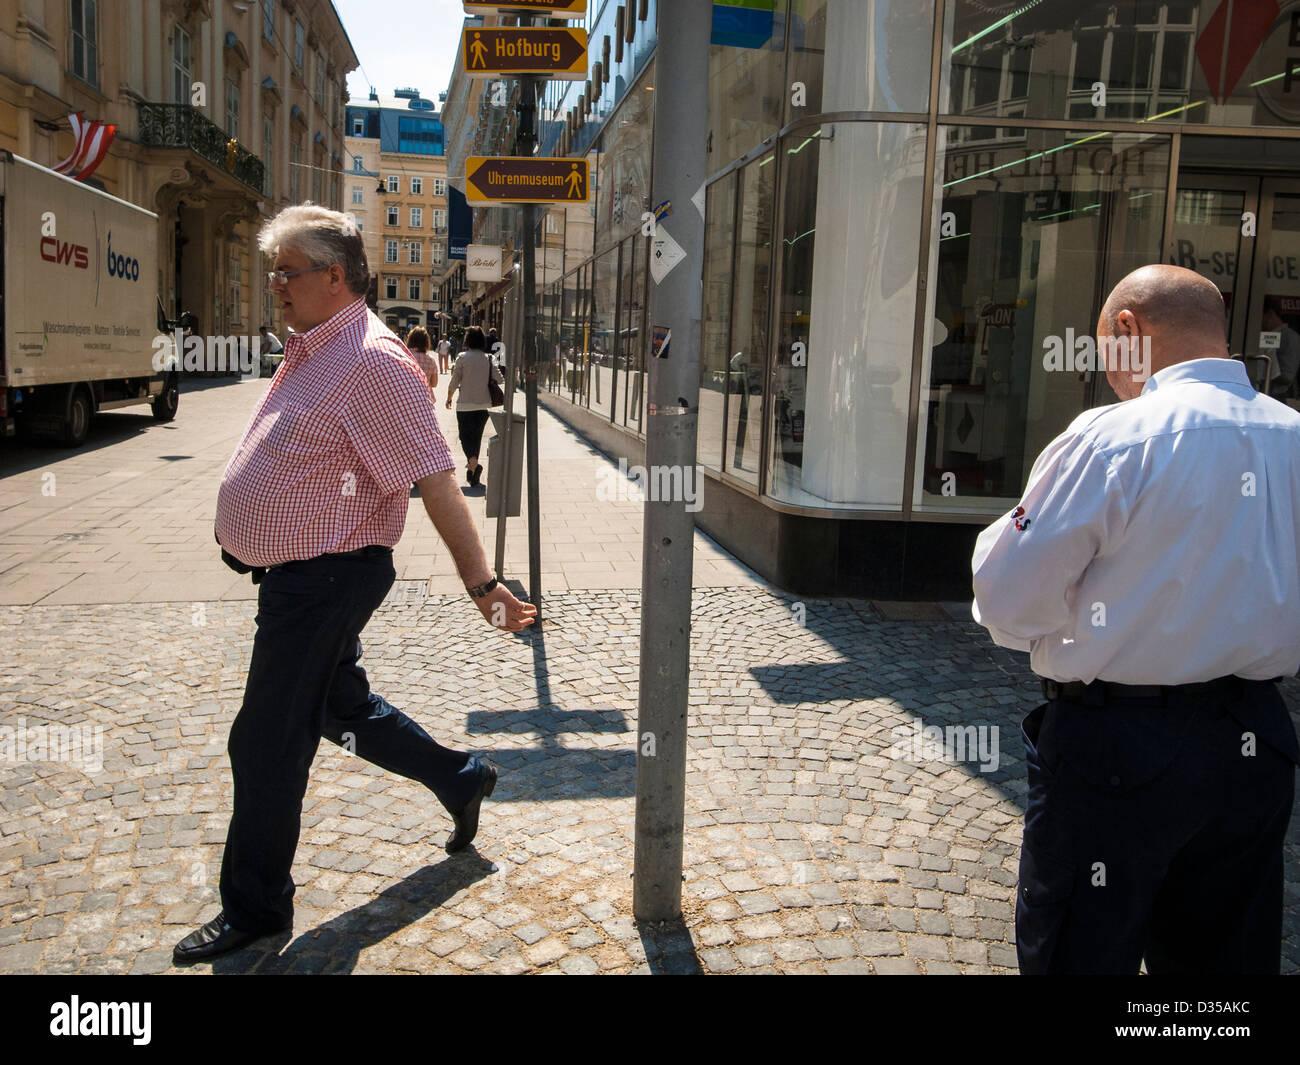 Un hombre en edad midlle caminando calle soleada Foto de stock